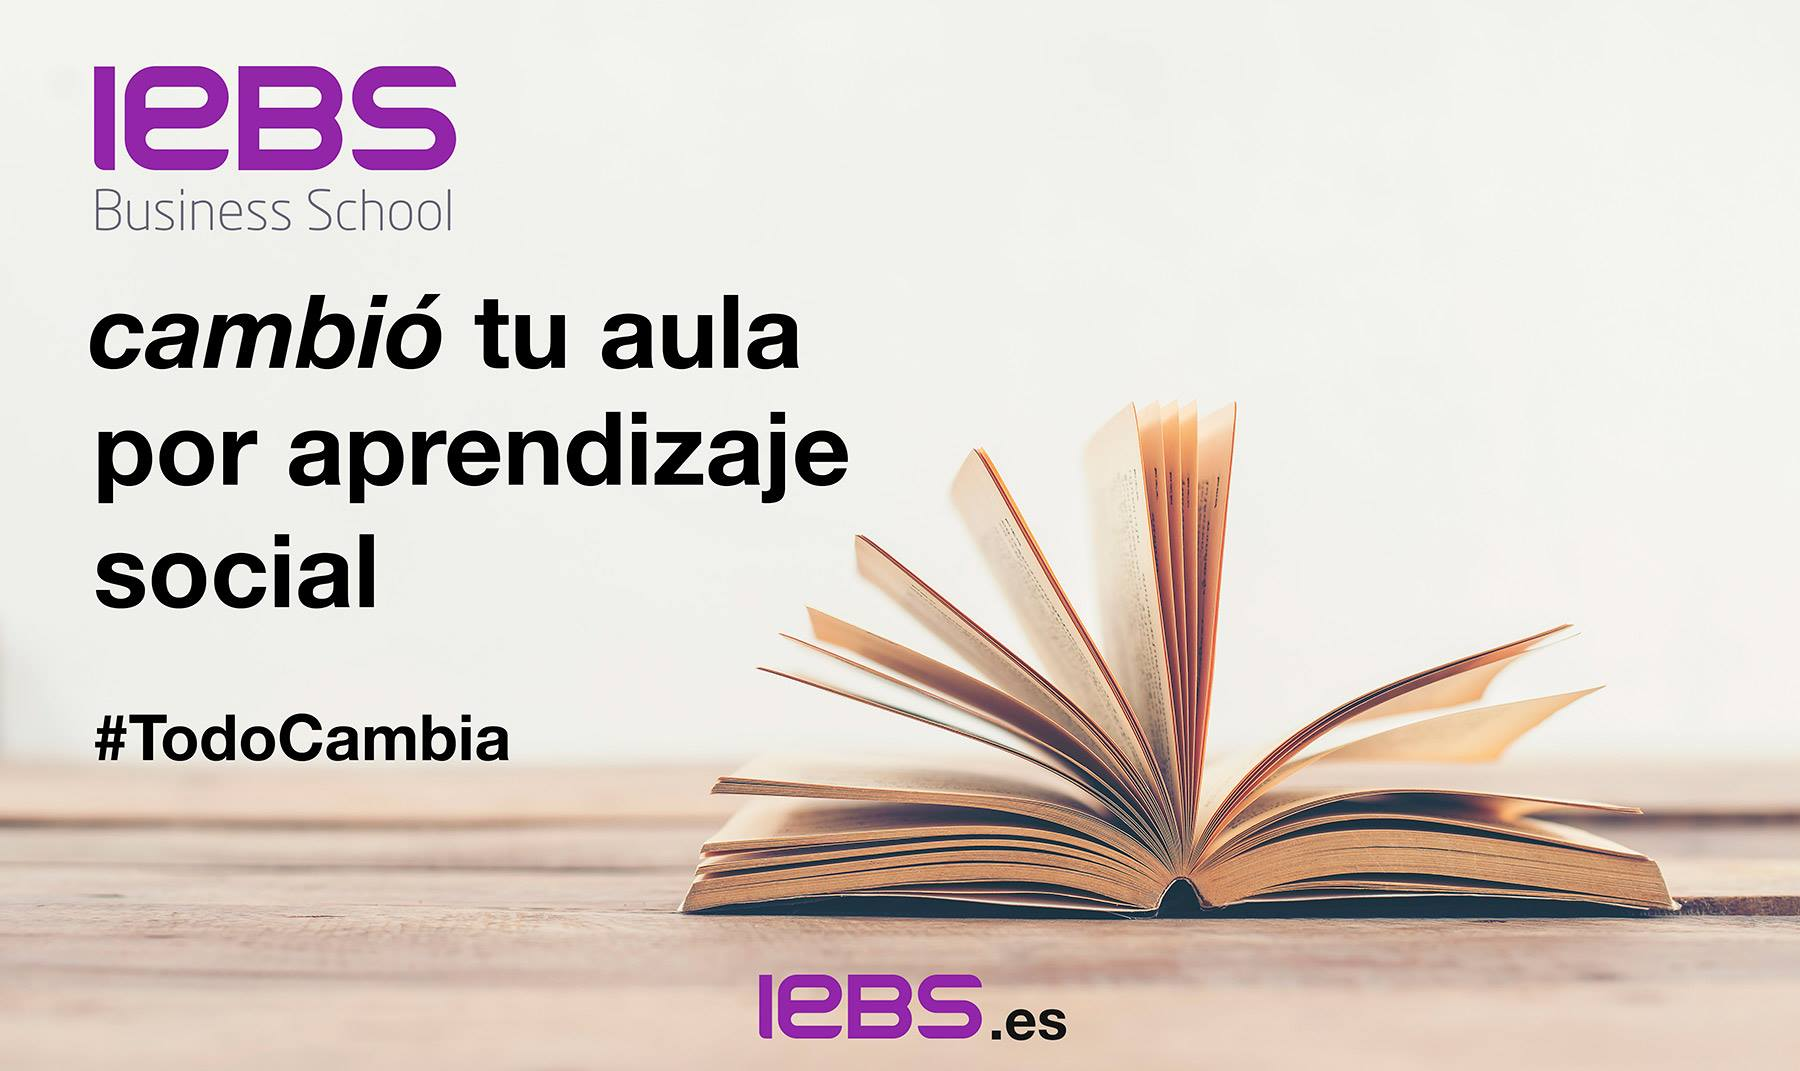 IEBS cierra el año con más de 1.800 alumnos y se convierte en la primera escuela en aceptar pagos con Bitcoins